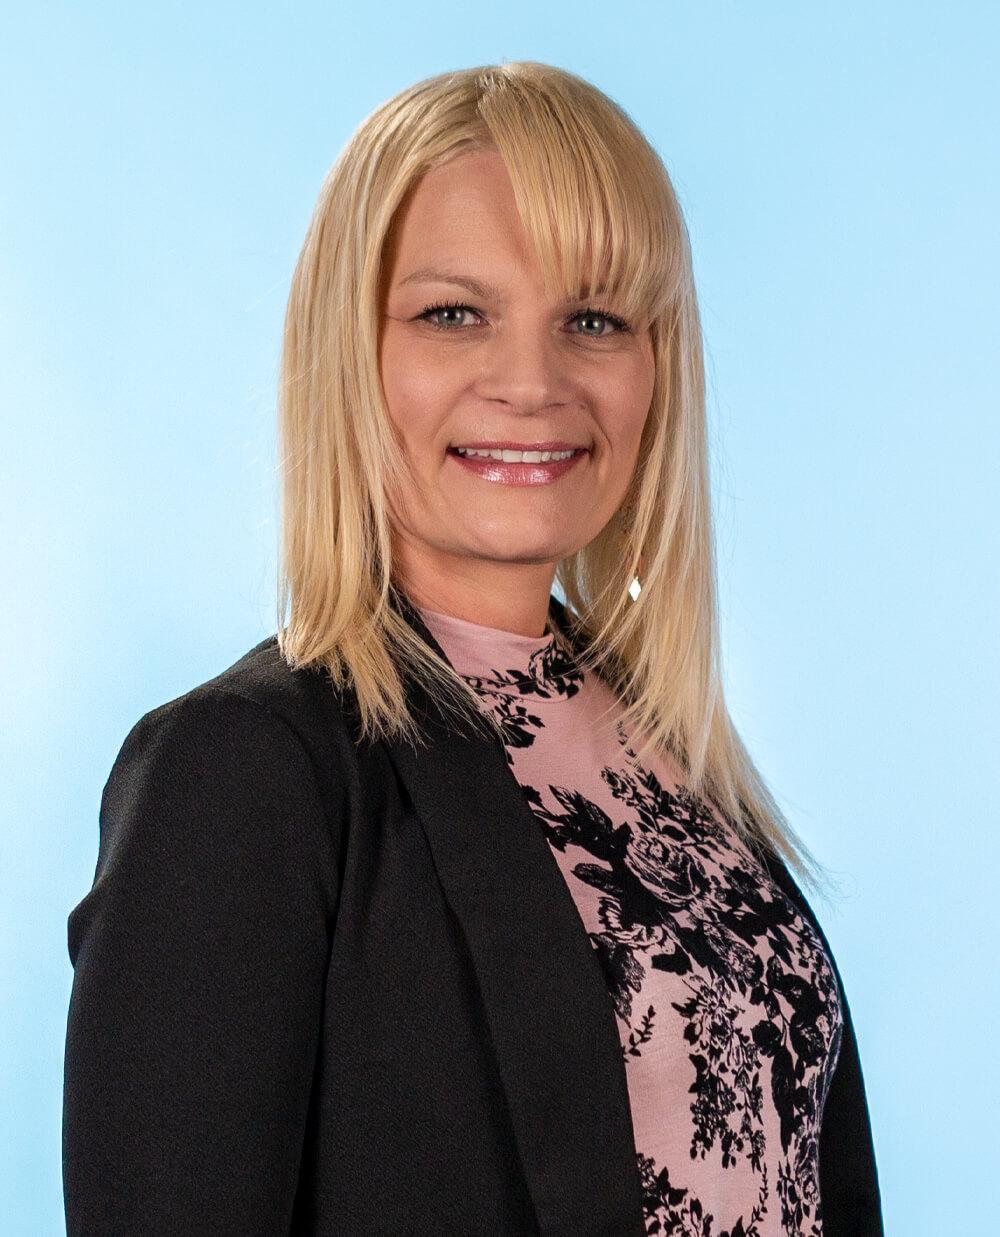 Tracy Pietrzyk